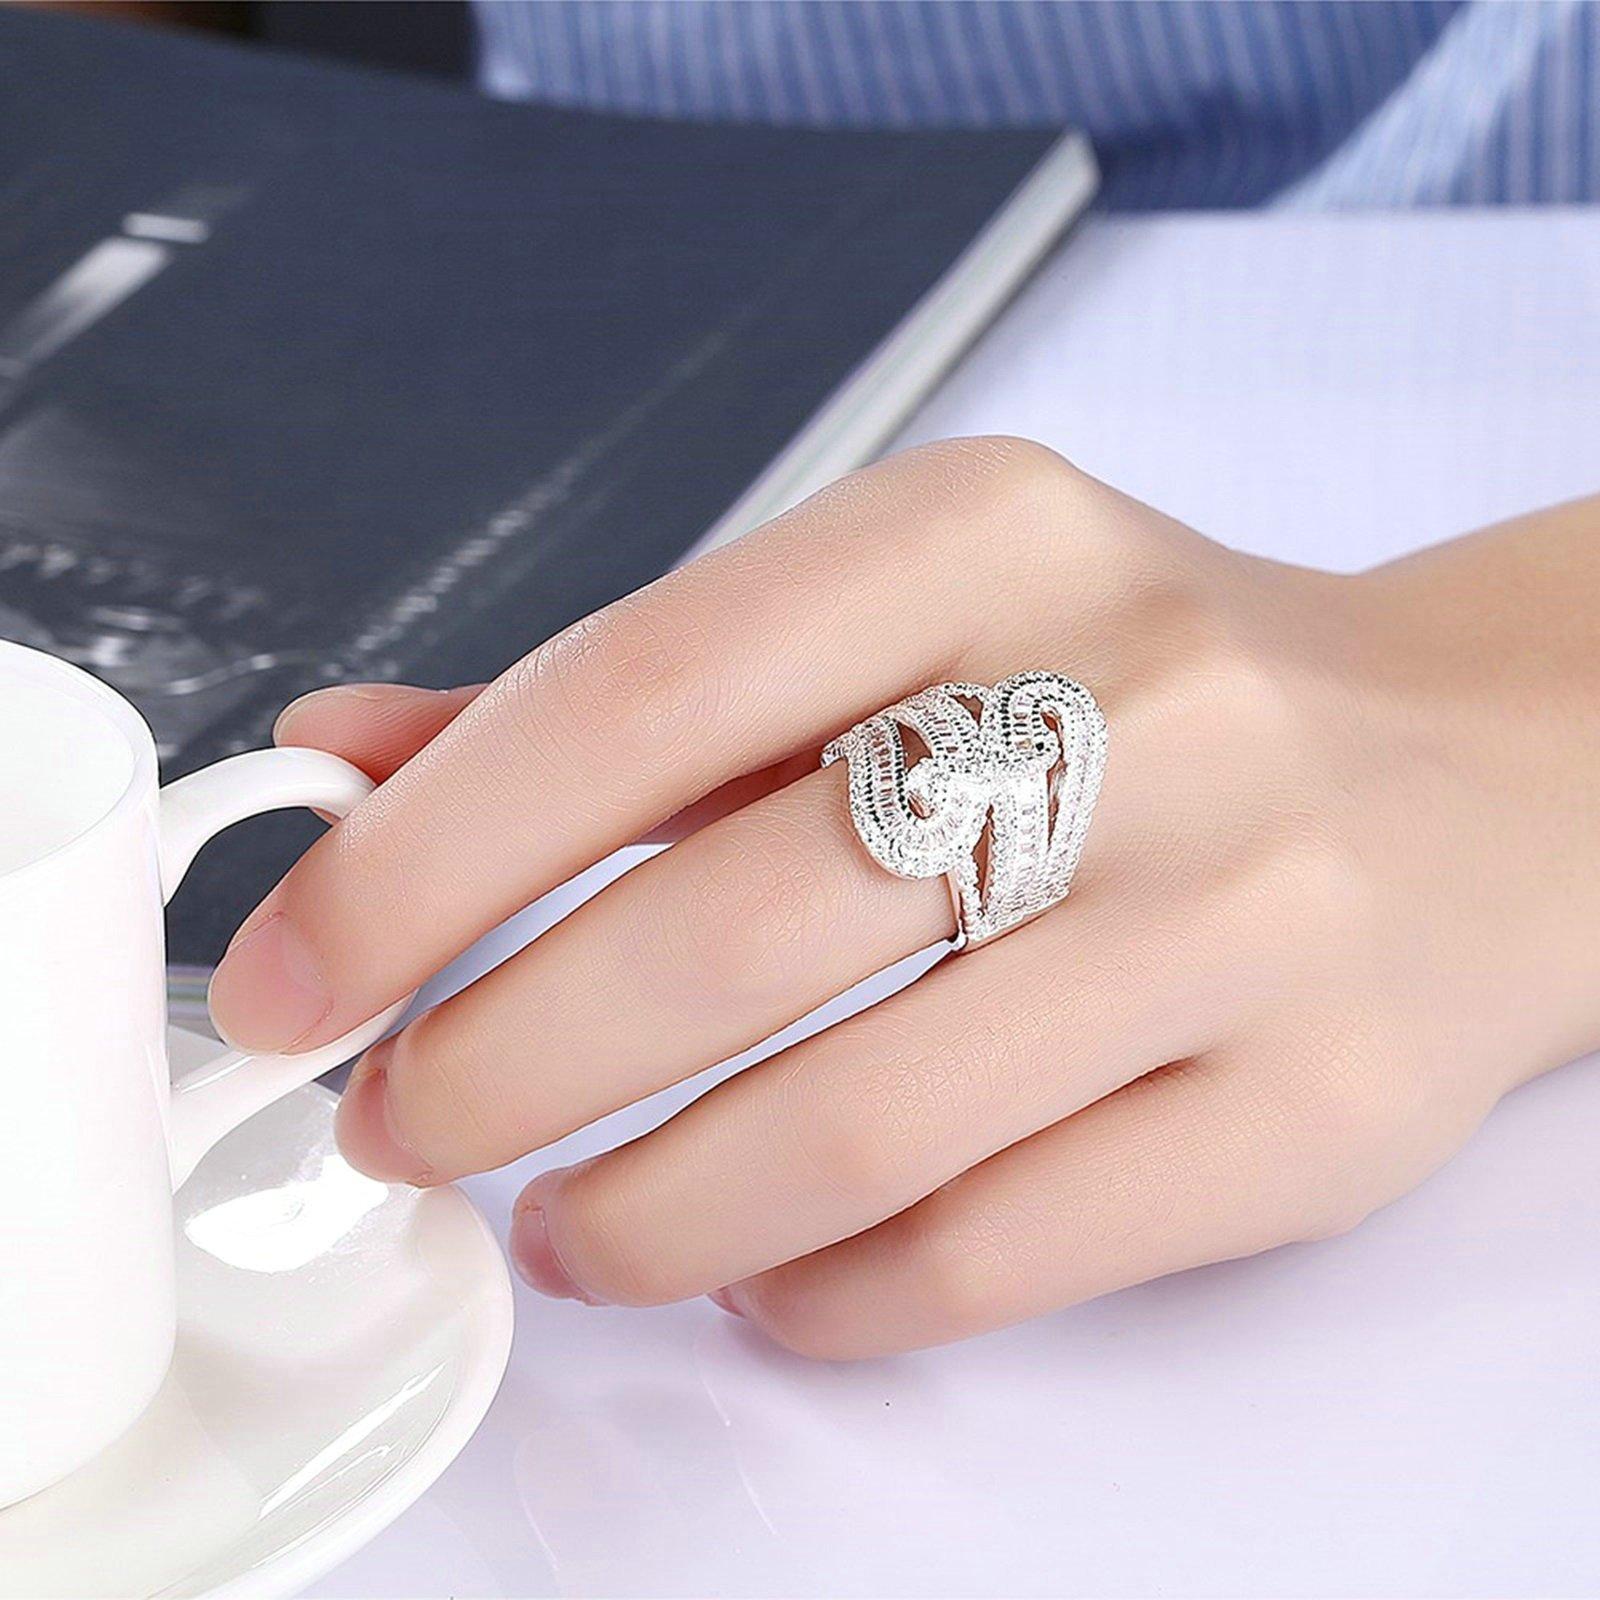 Amazon.com: Epinki: 925 Ring